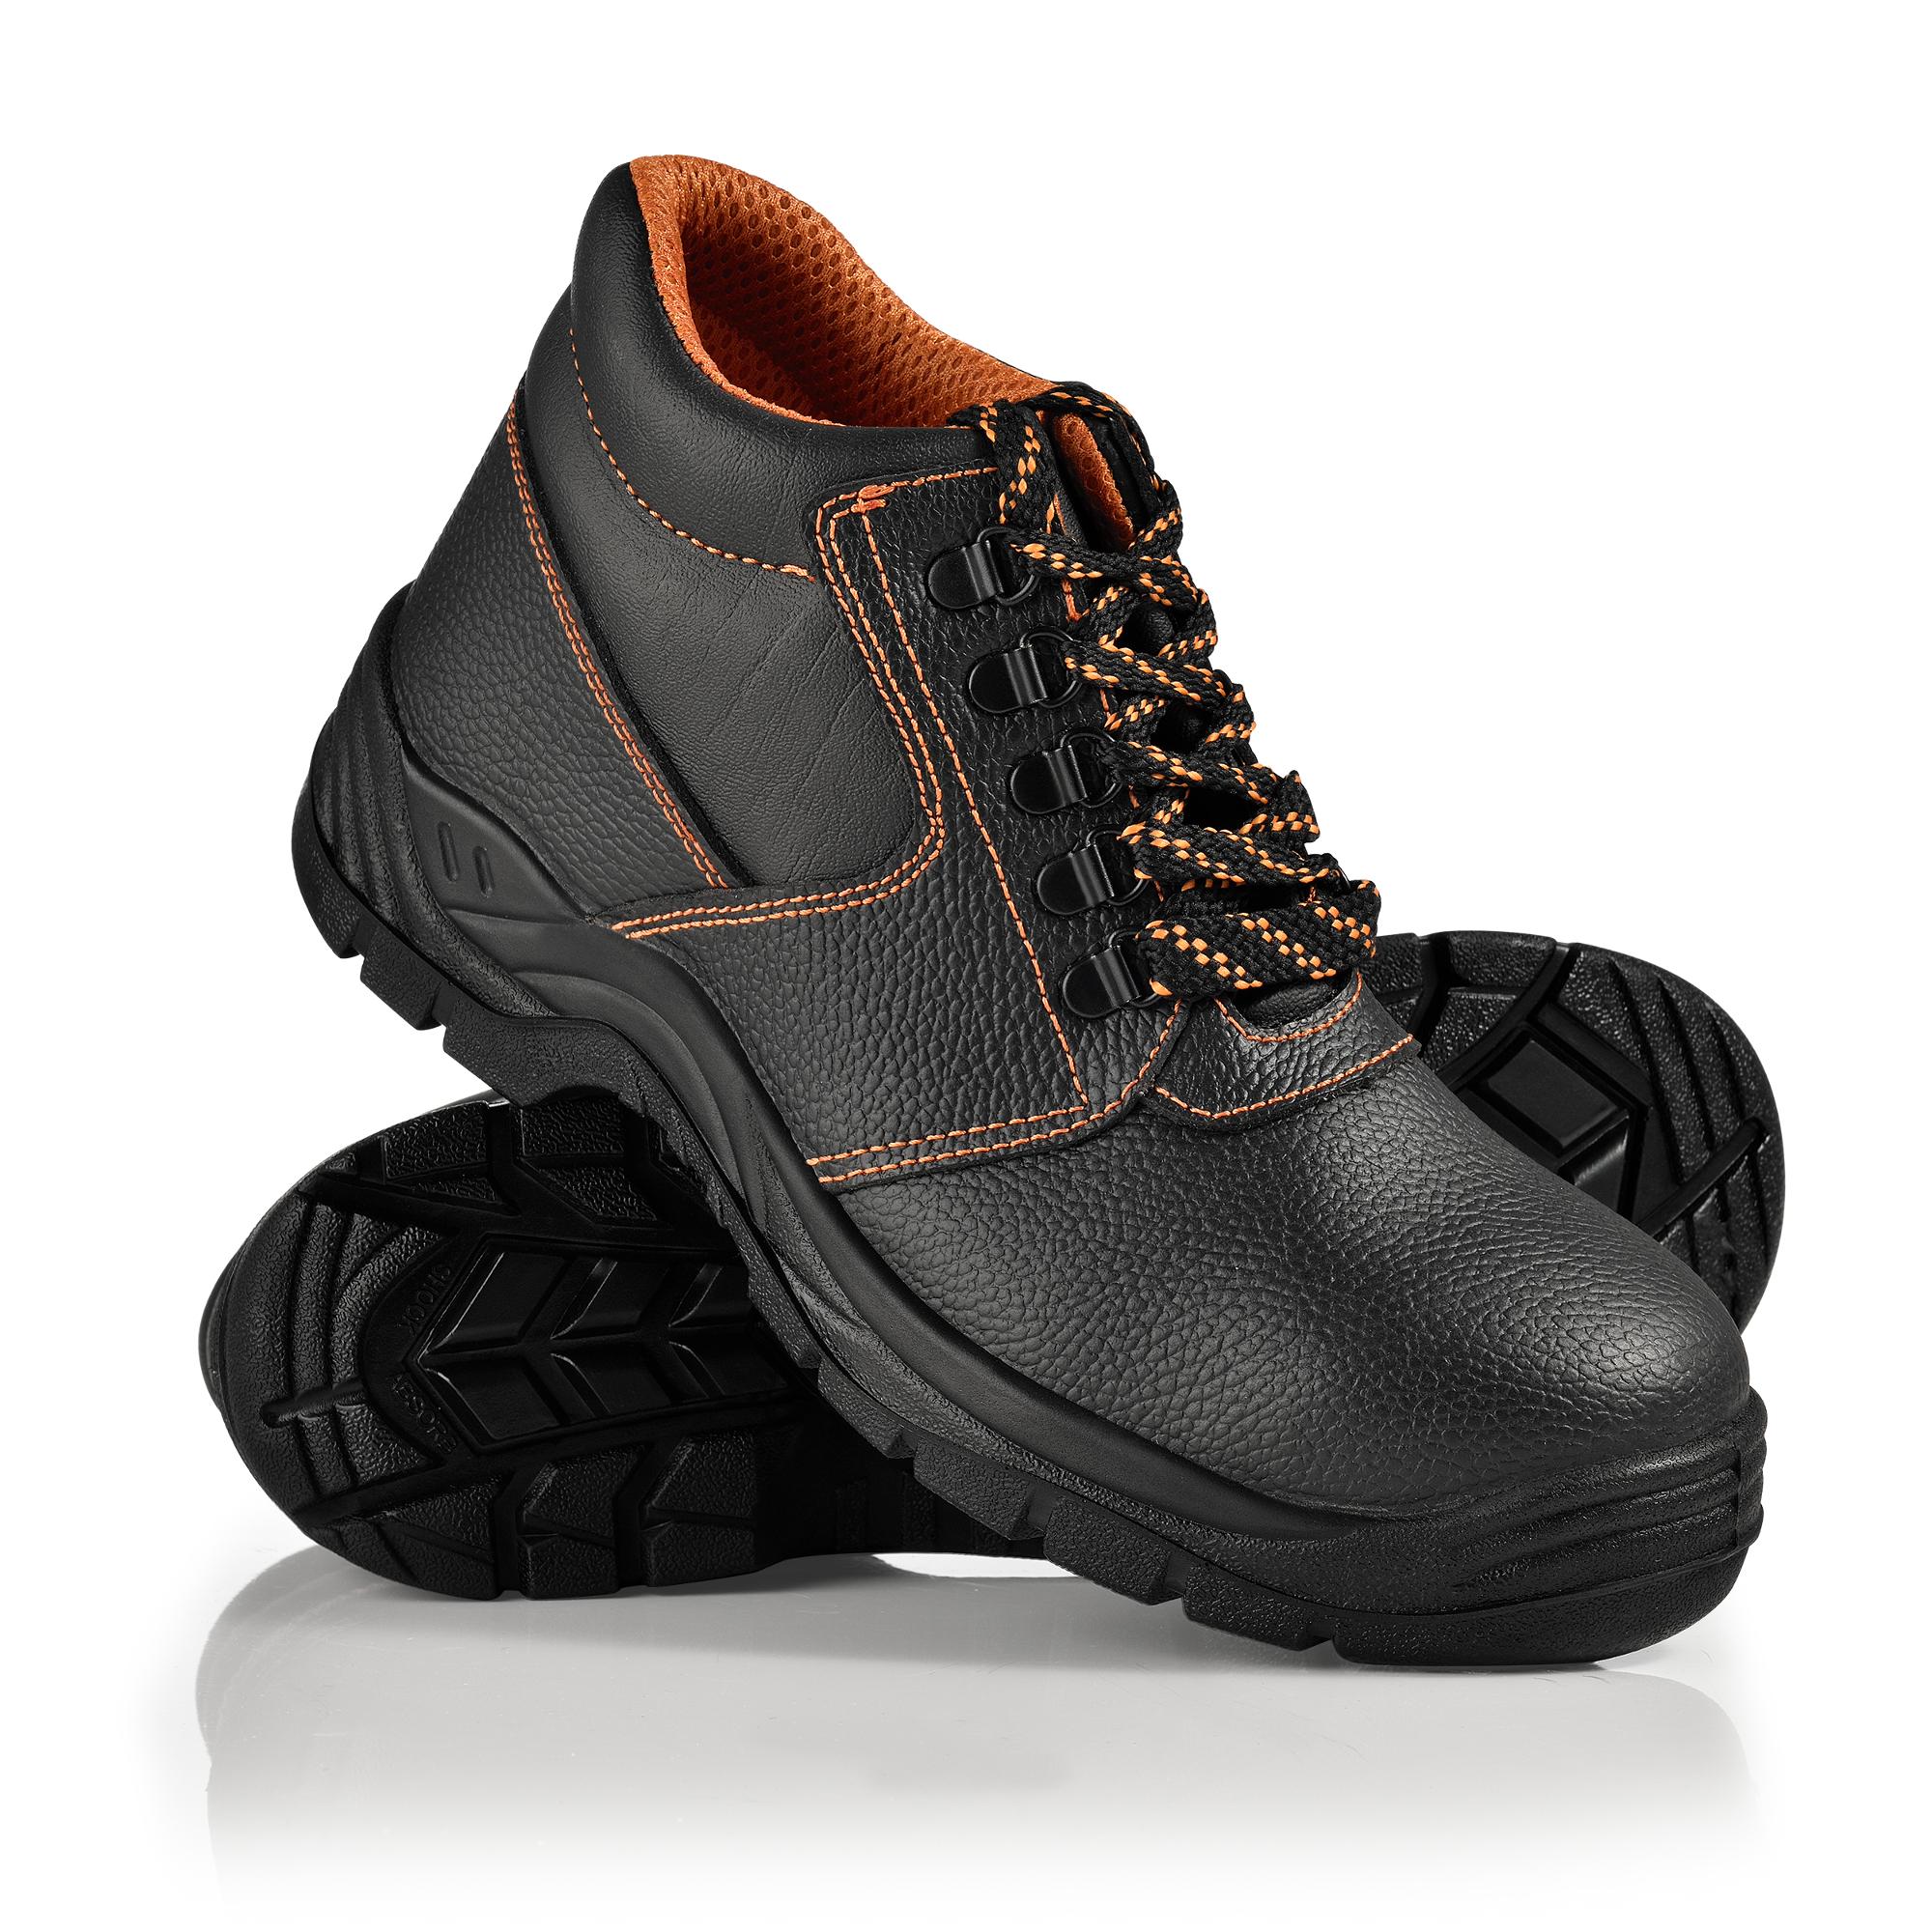 [pro.tec]® Pracovní obuv AAWS-4810 - kotníková - S3